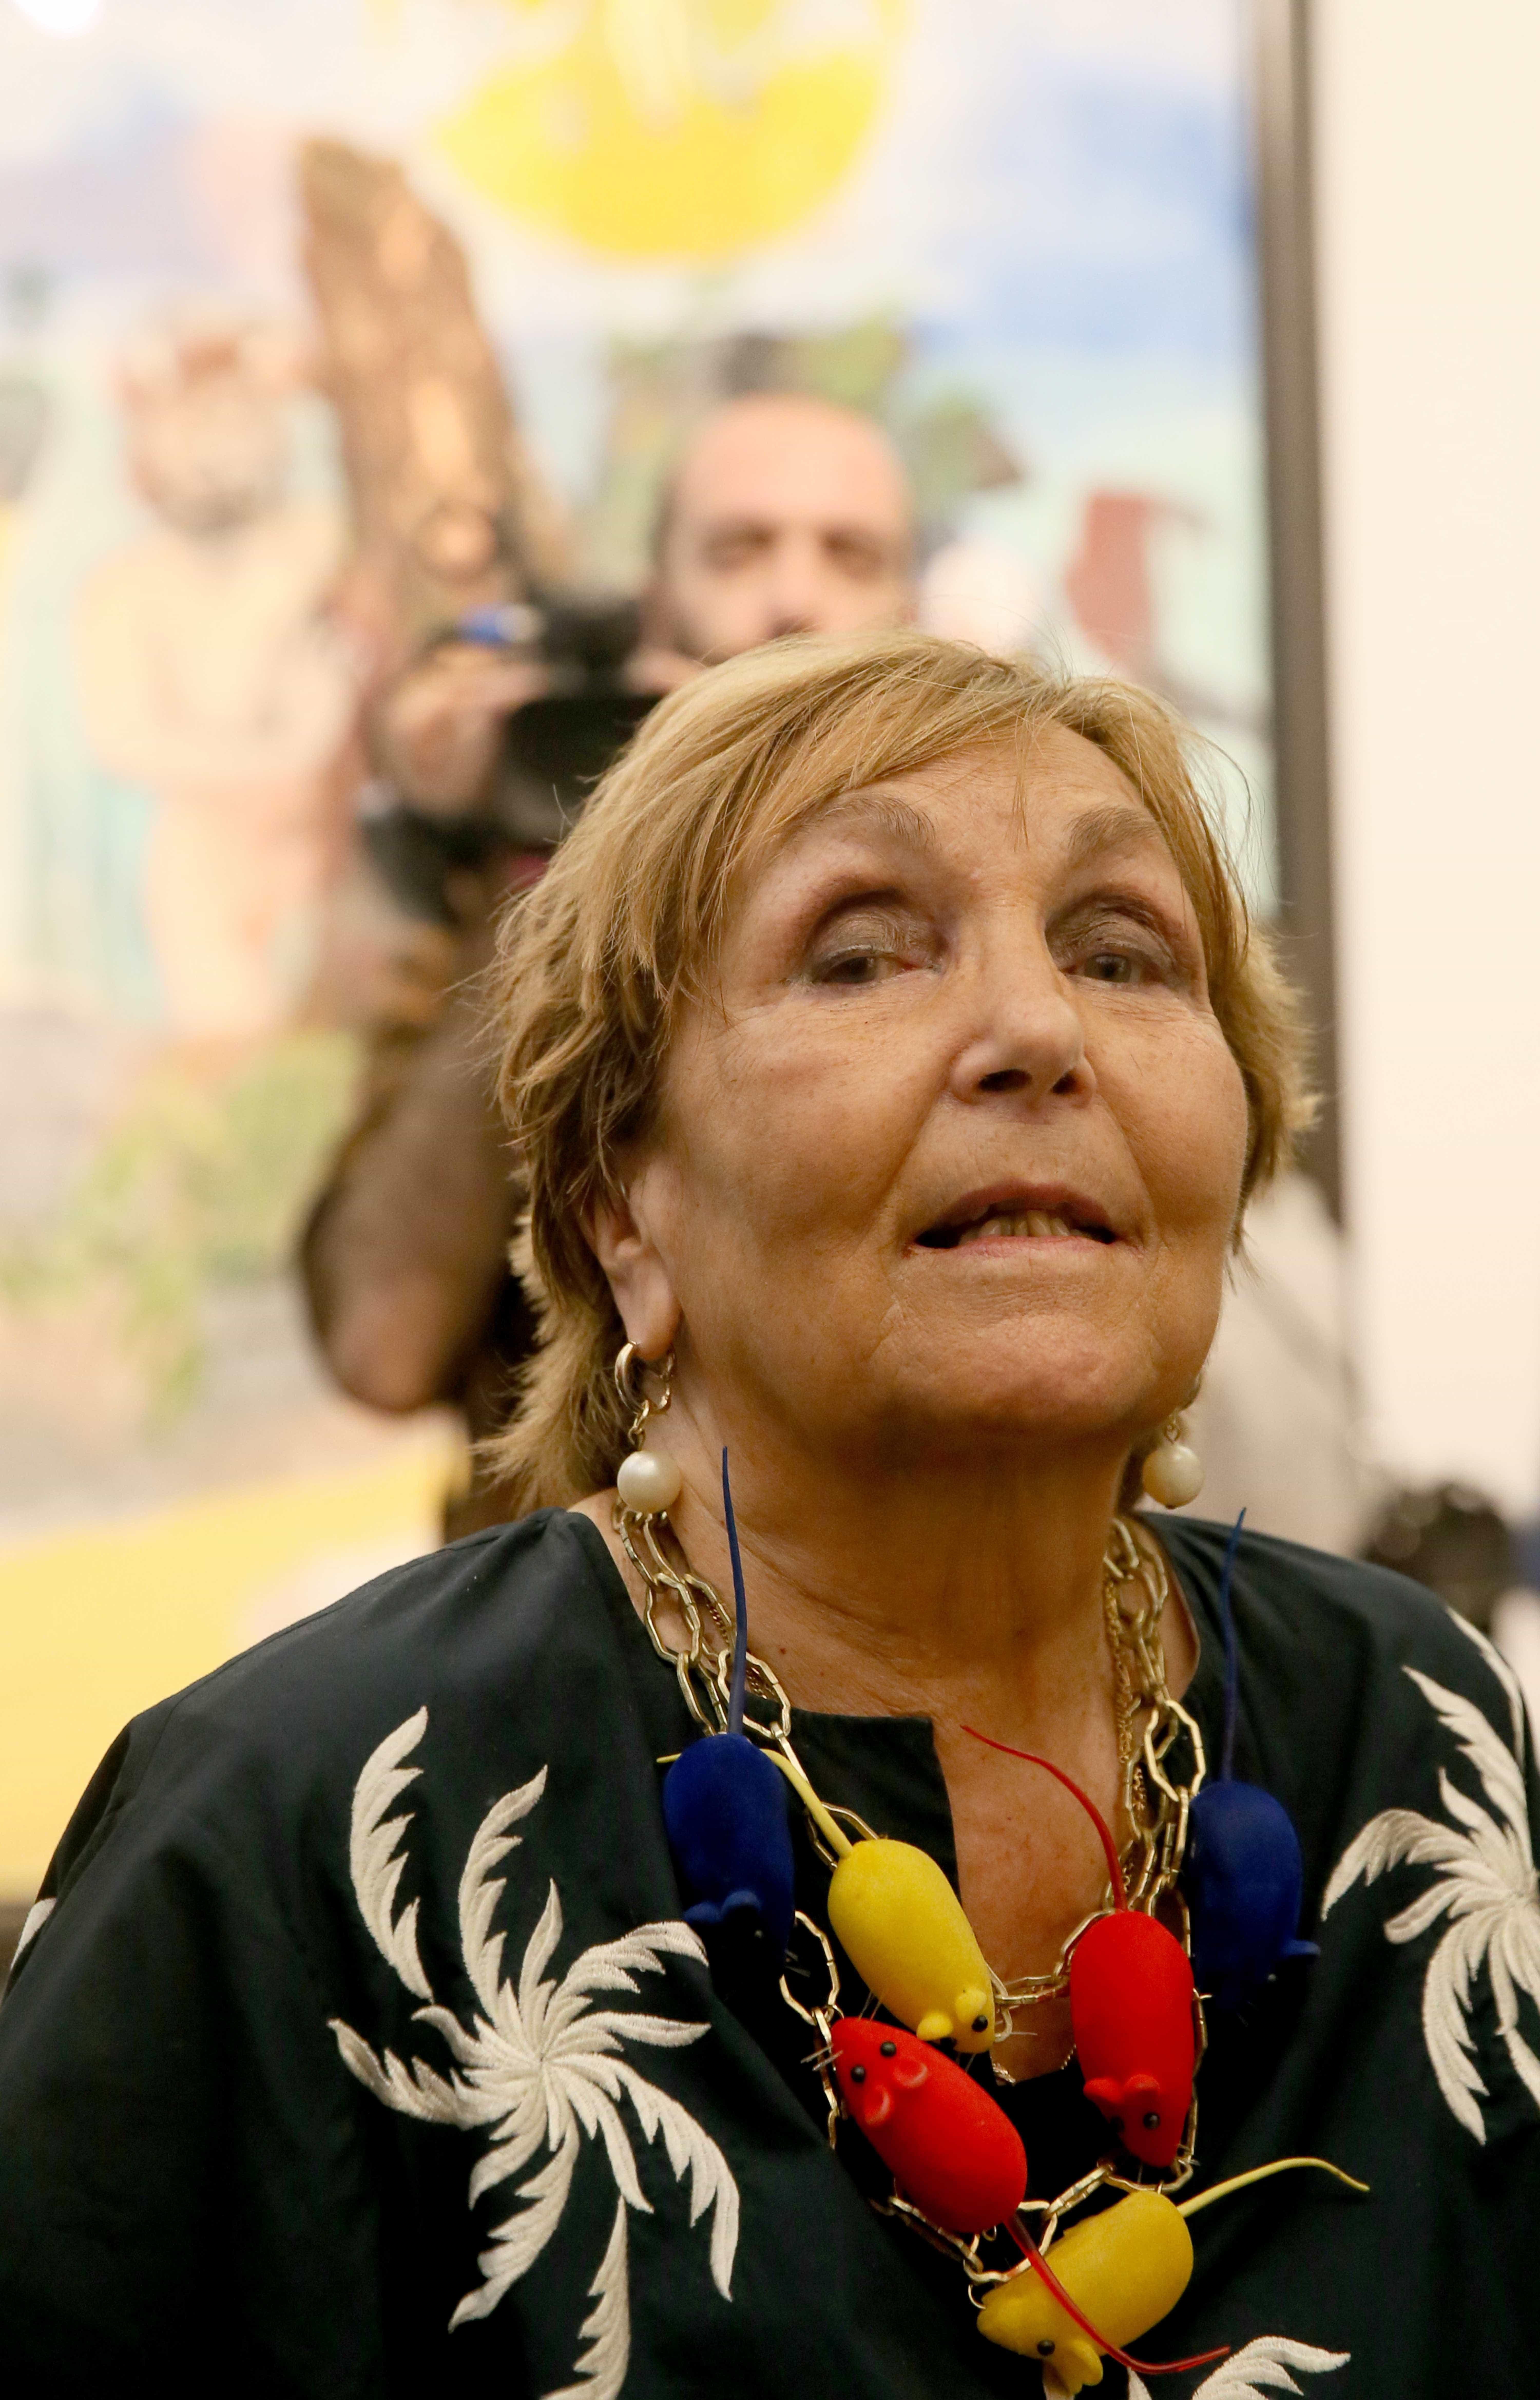 Exposição de rascunhos mostra importância do desenho para Paula Rego